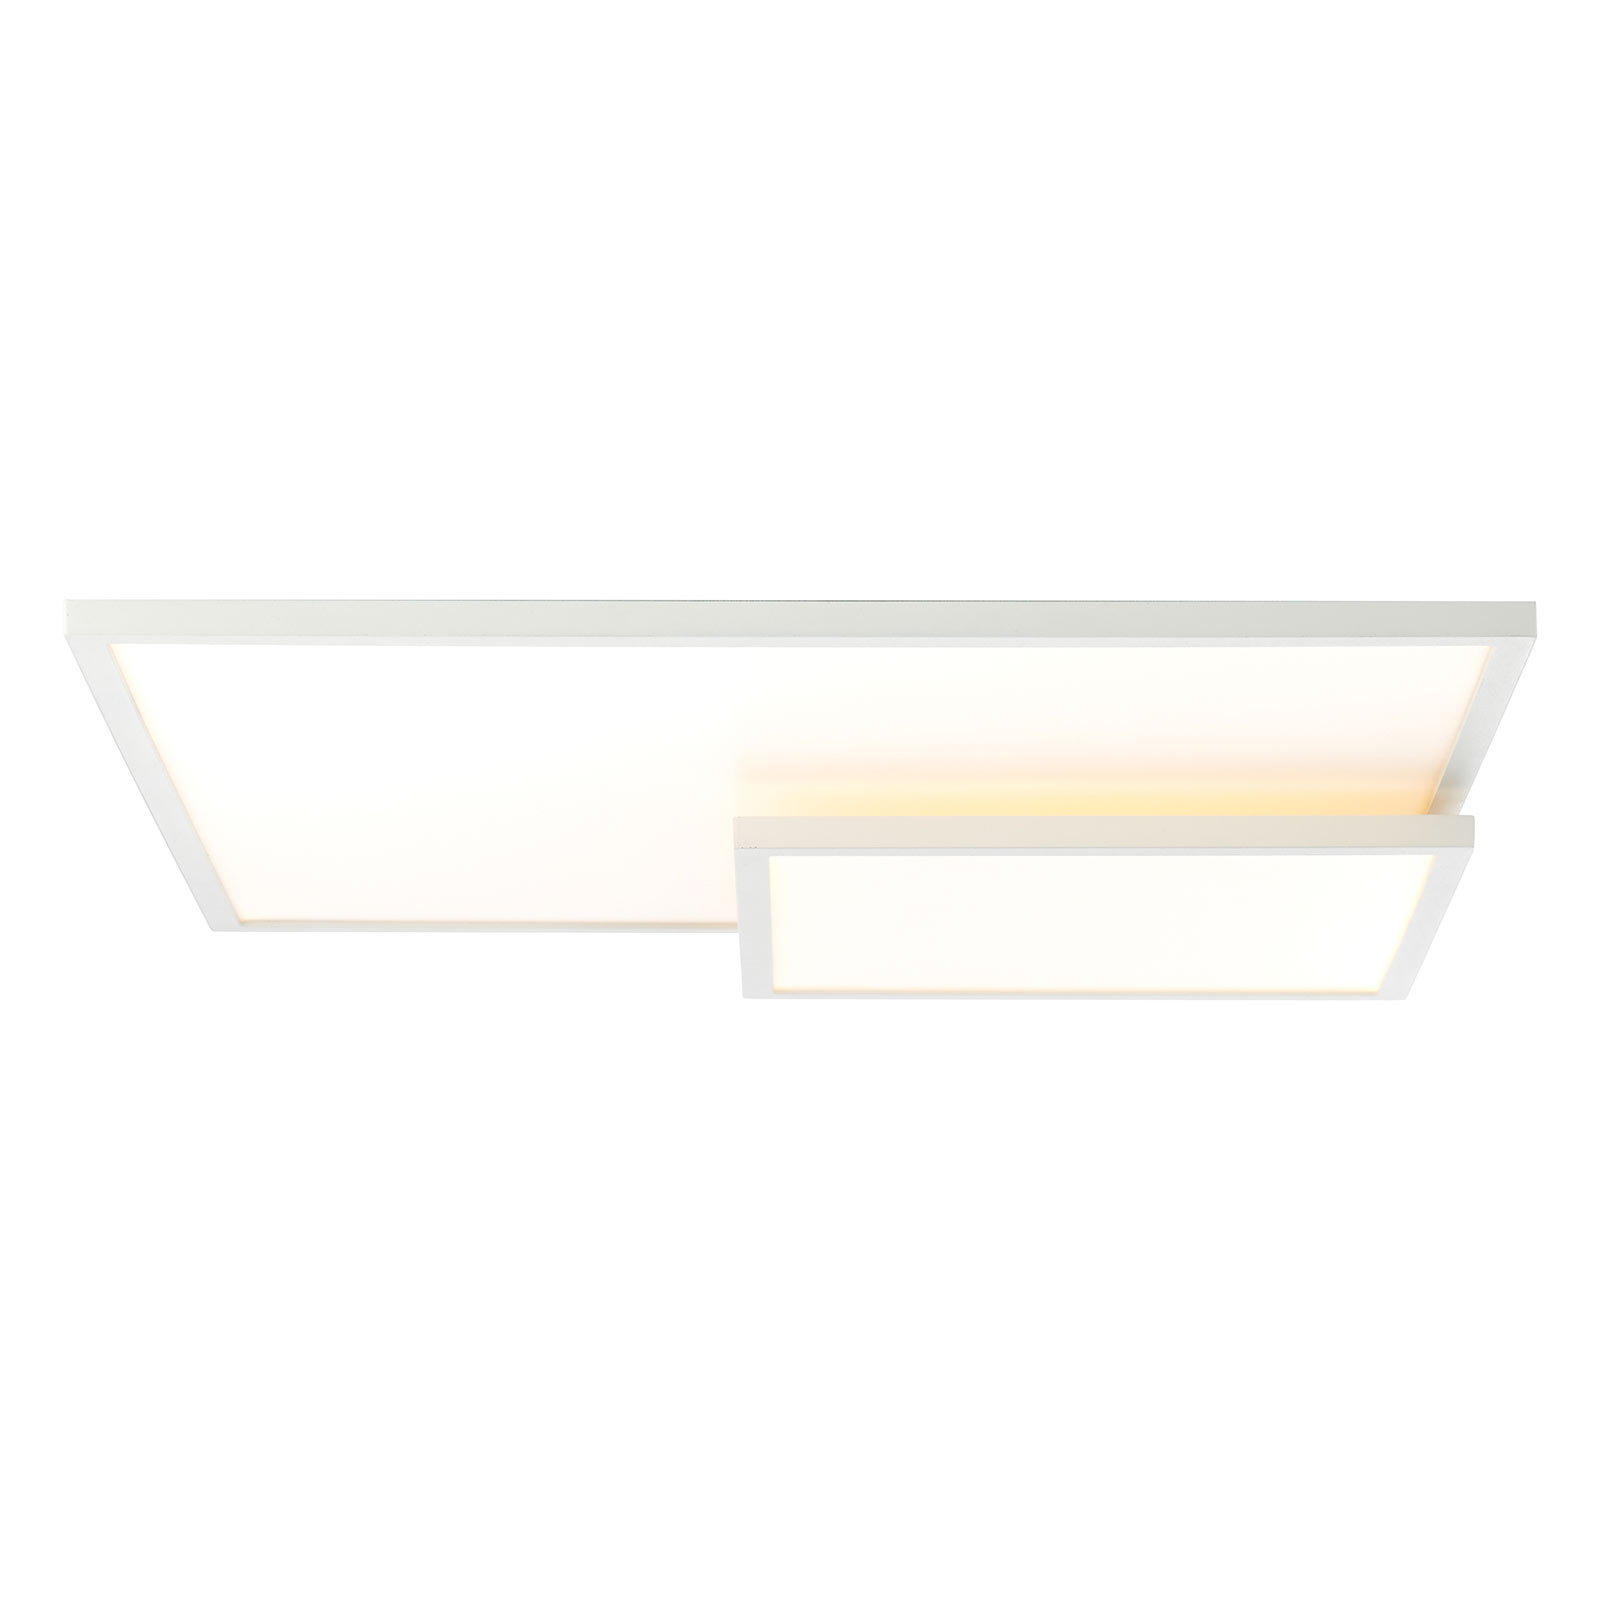 Lampa sufitowa LED Bility prostokątna, biała ramka